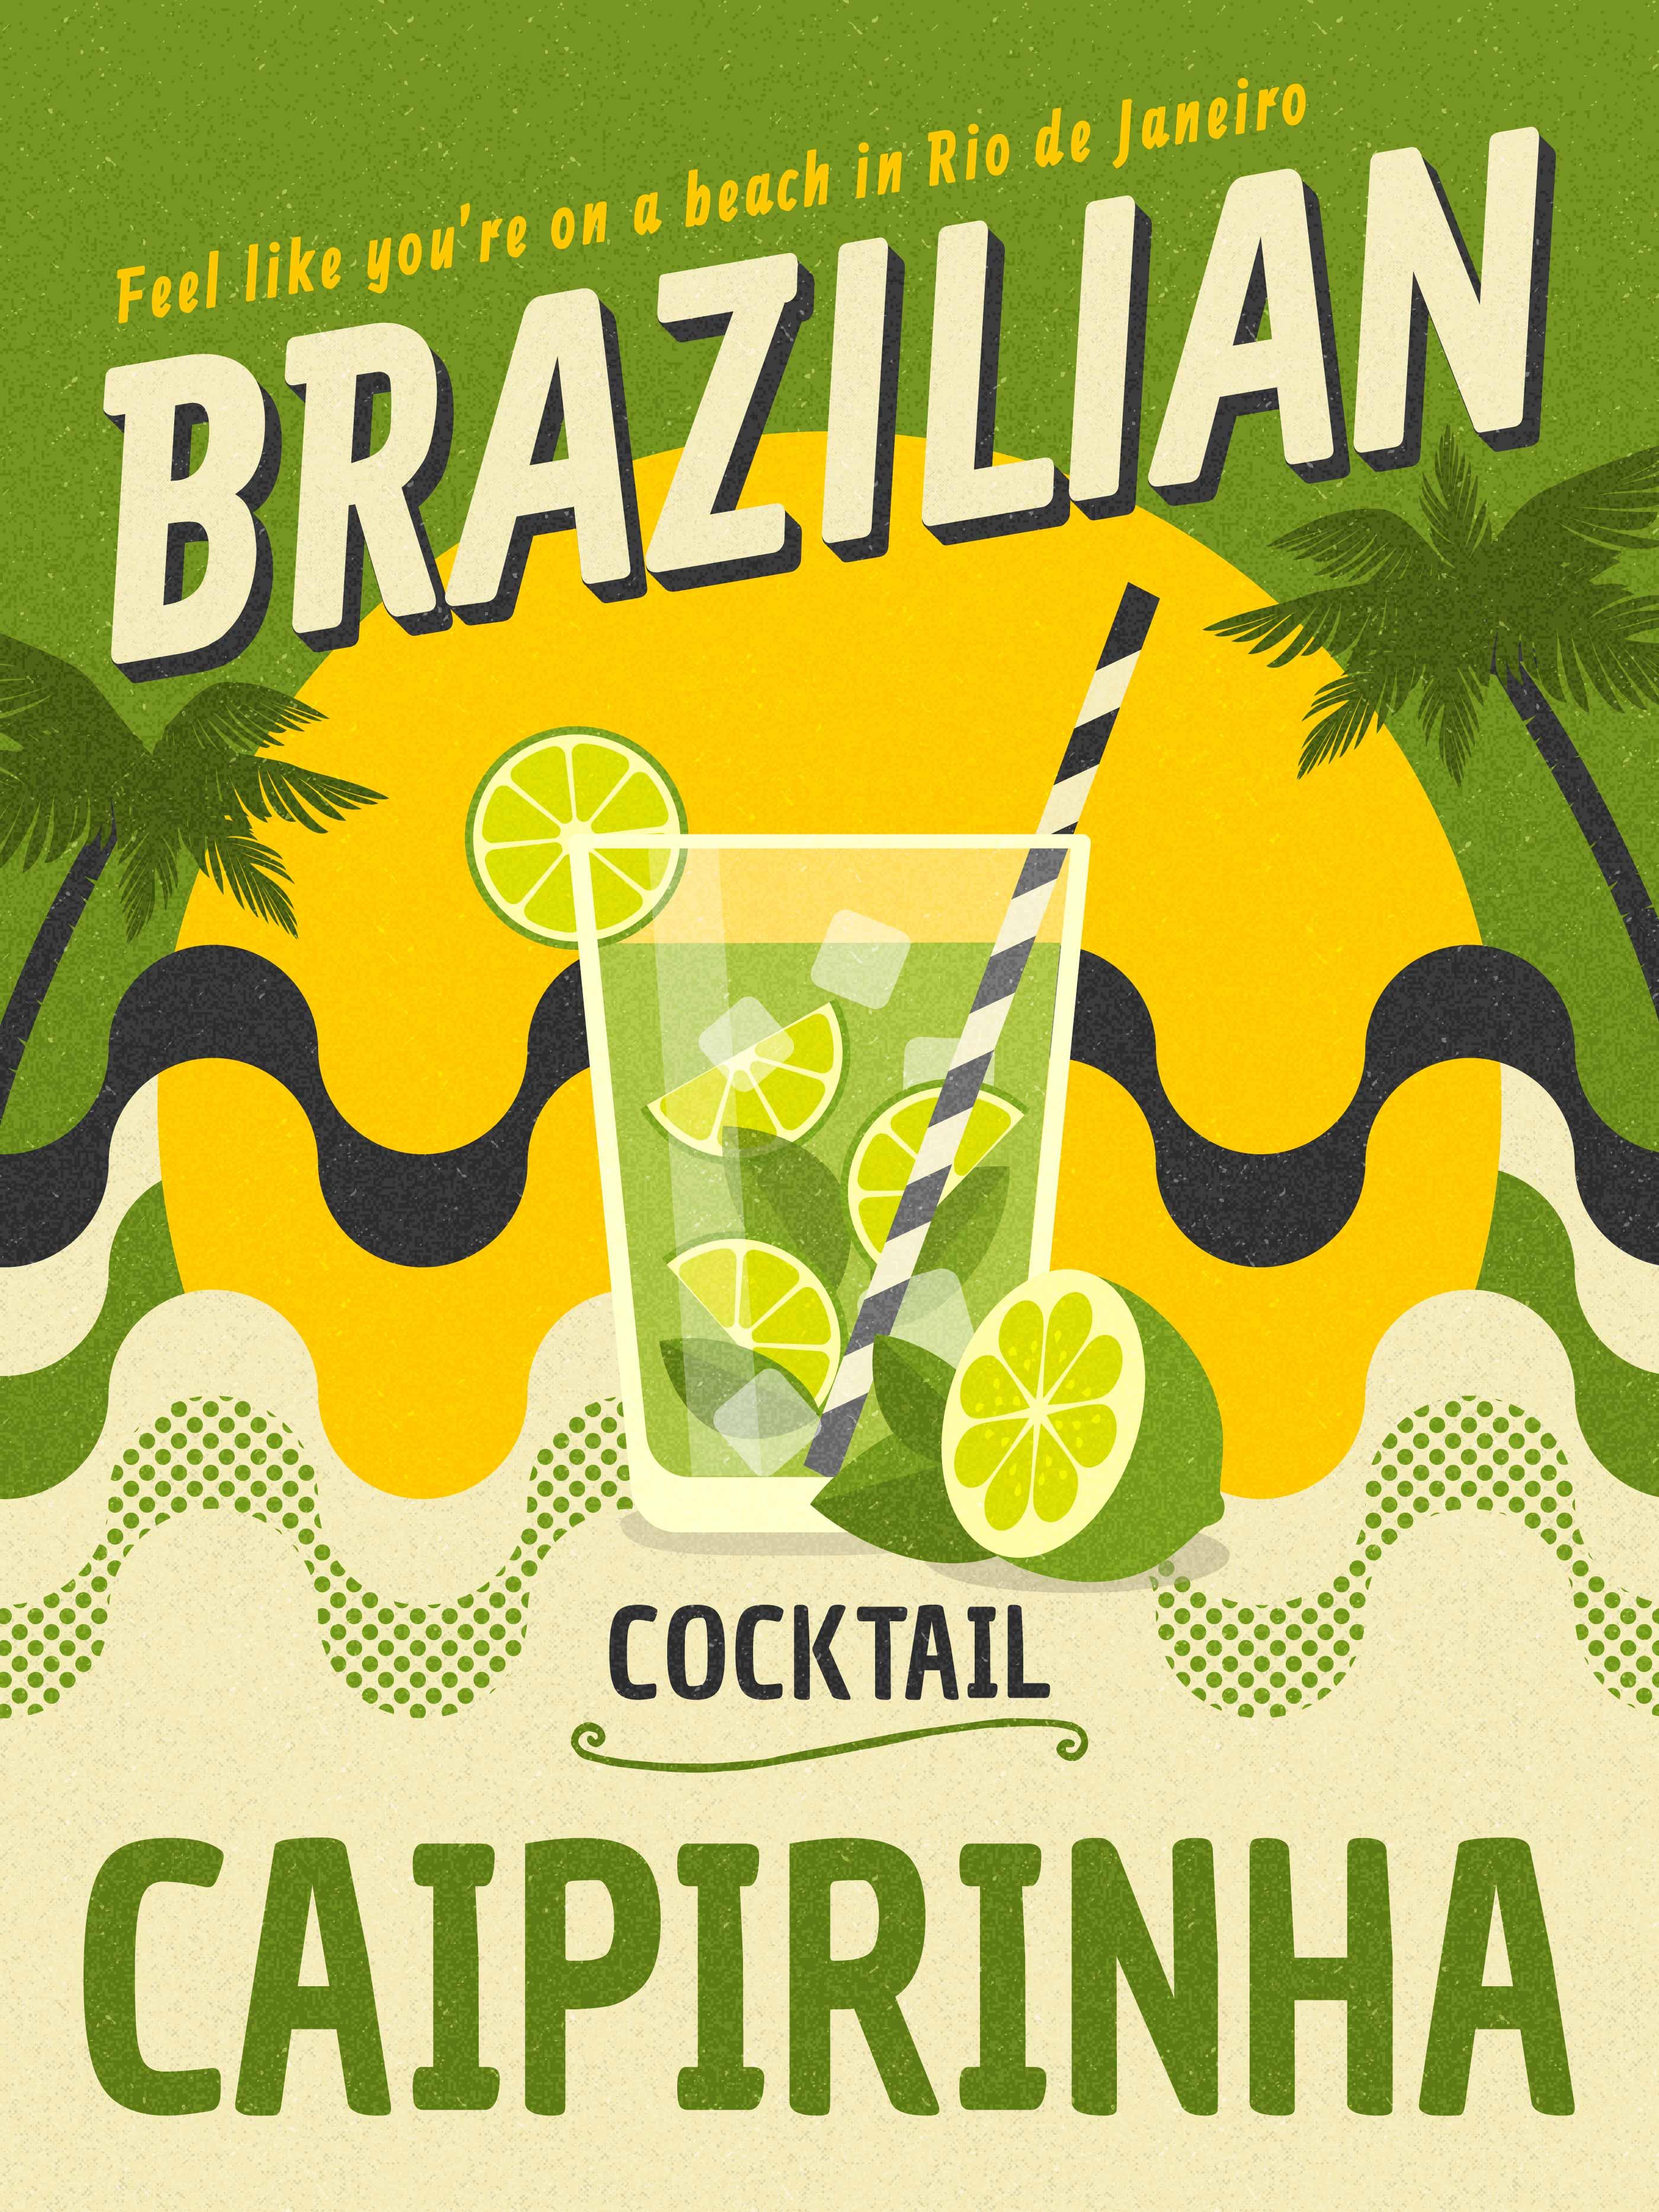 brazilian cocktail caipirinha retro vector poster